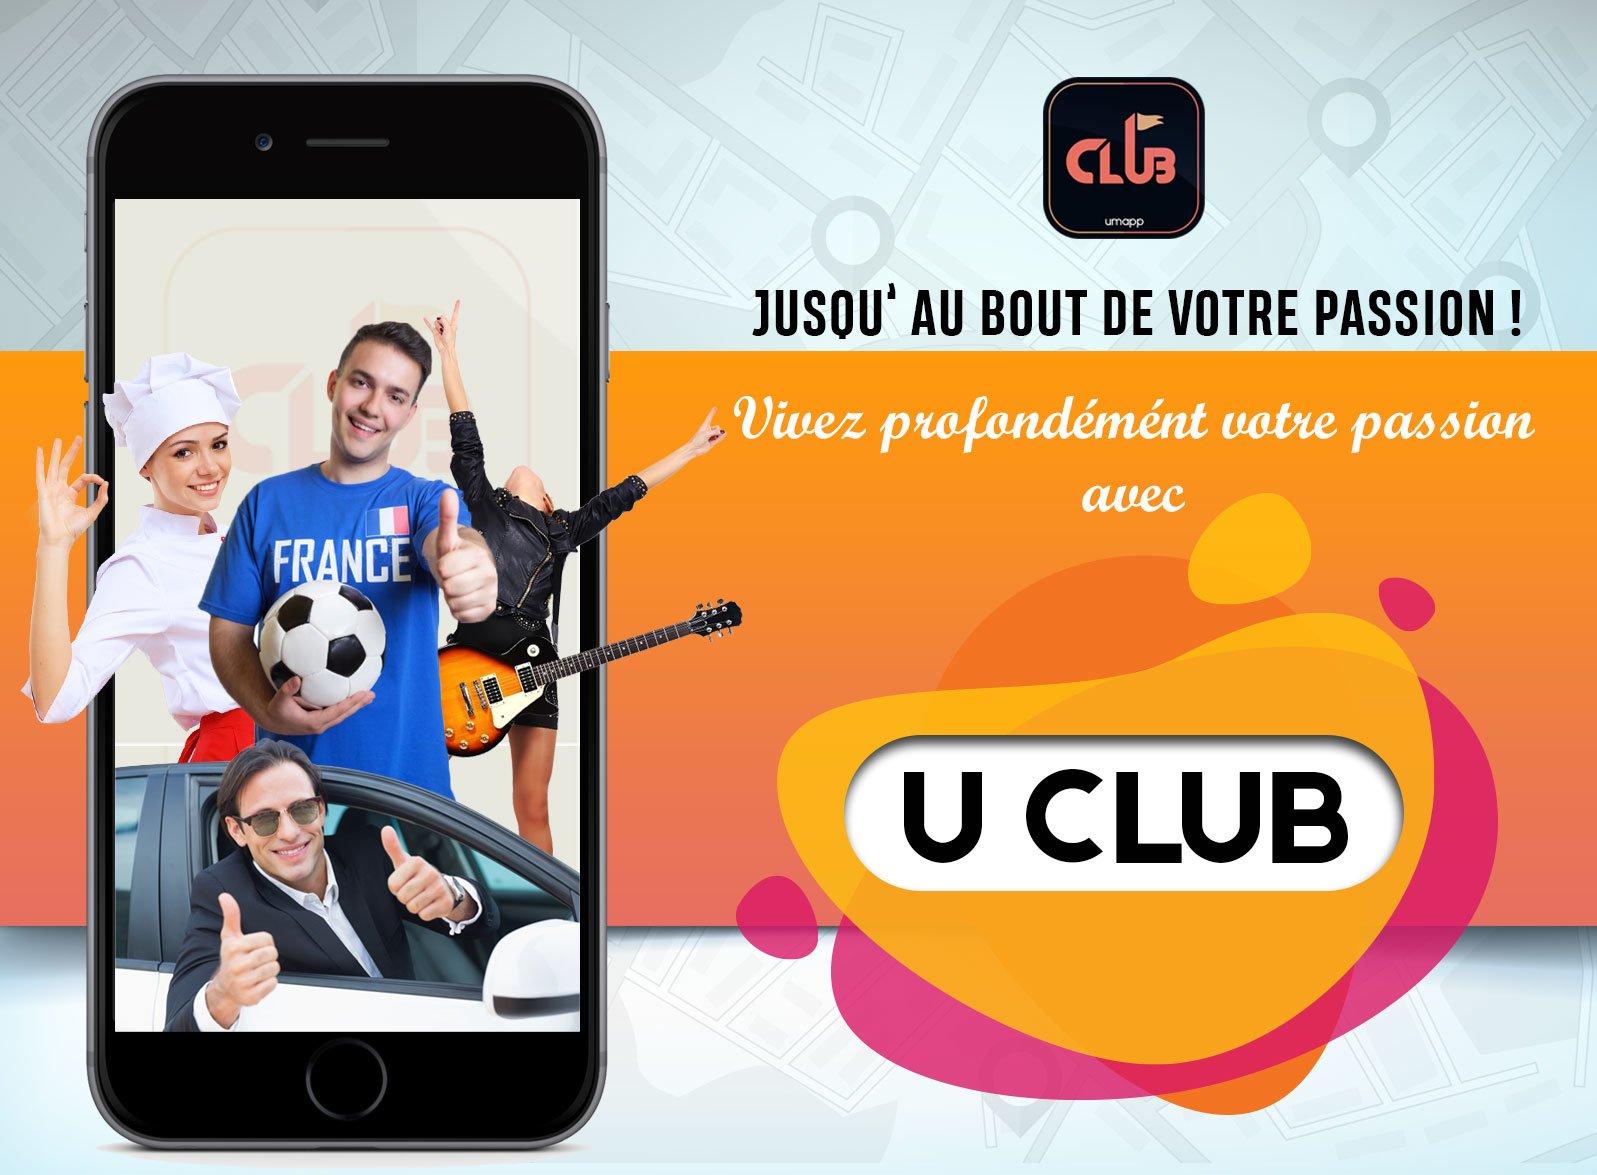 U CLUB, Jusqu'au bout de votre passion !